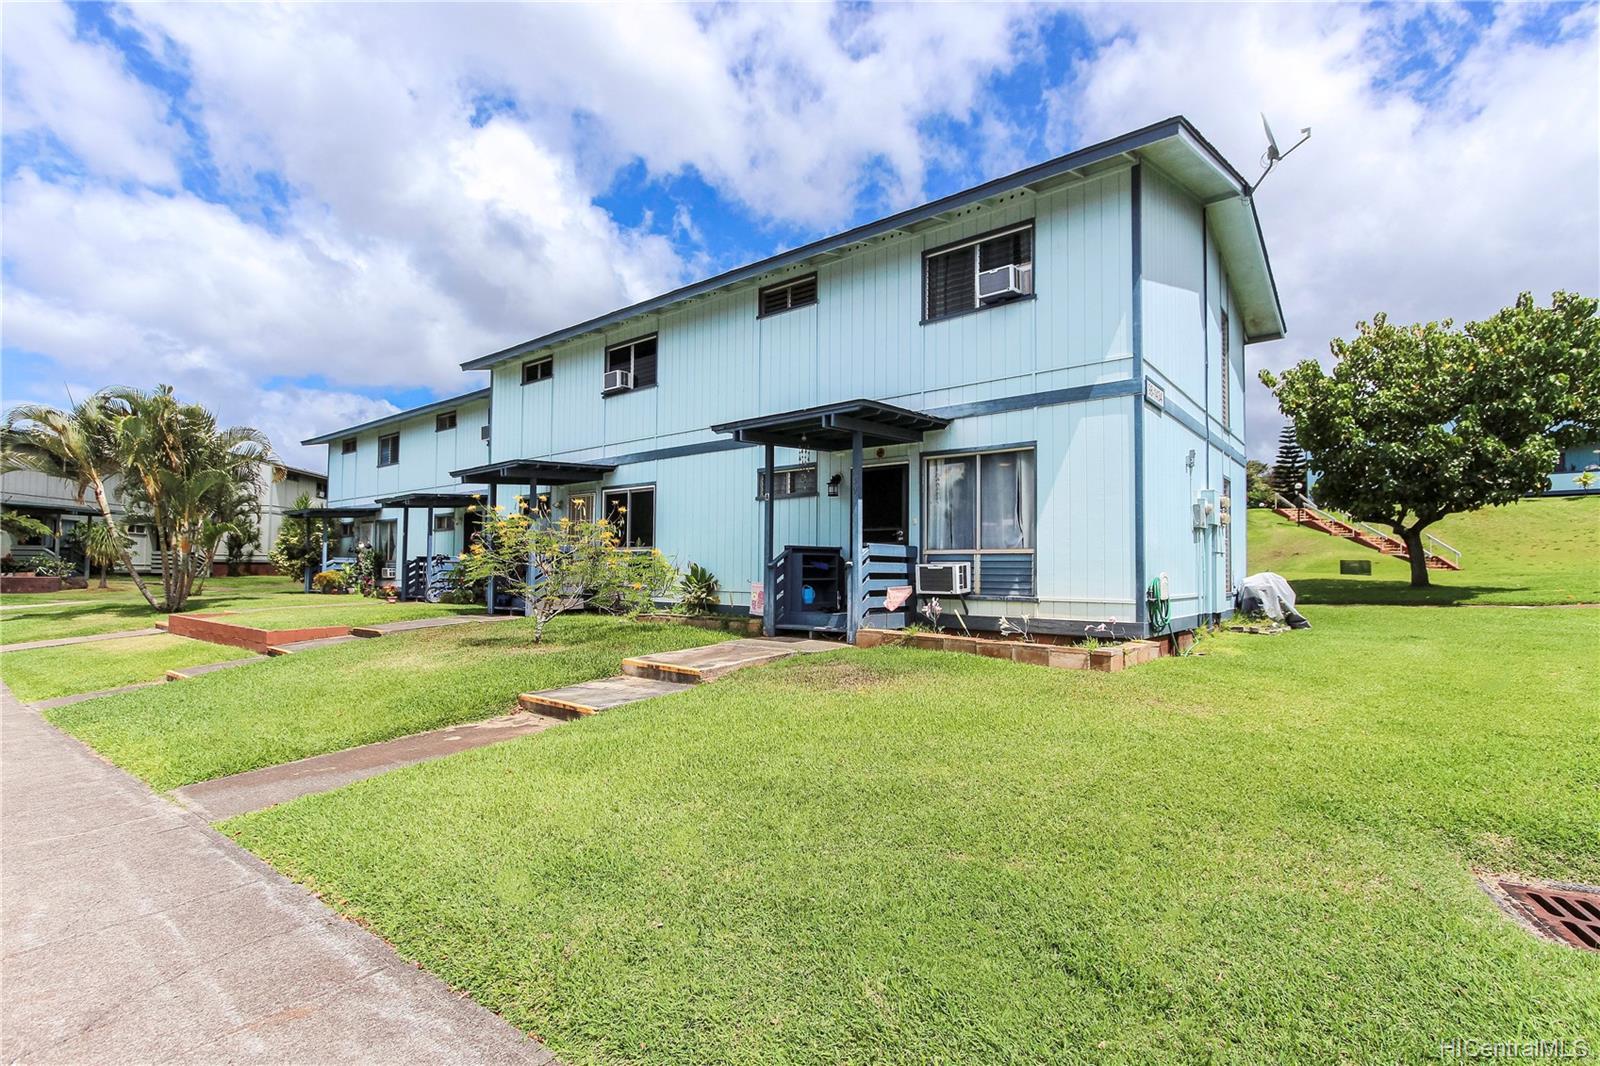 98-1434 Kaahumanu Street townhouse # A, Pearl City, Hawaii - photo 6 of 15